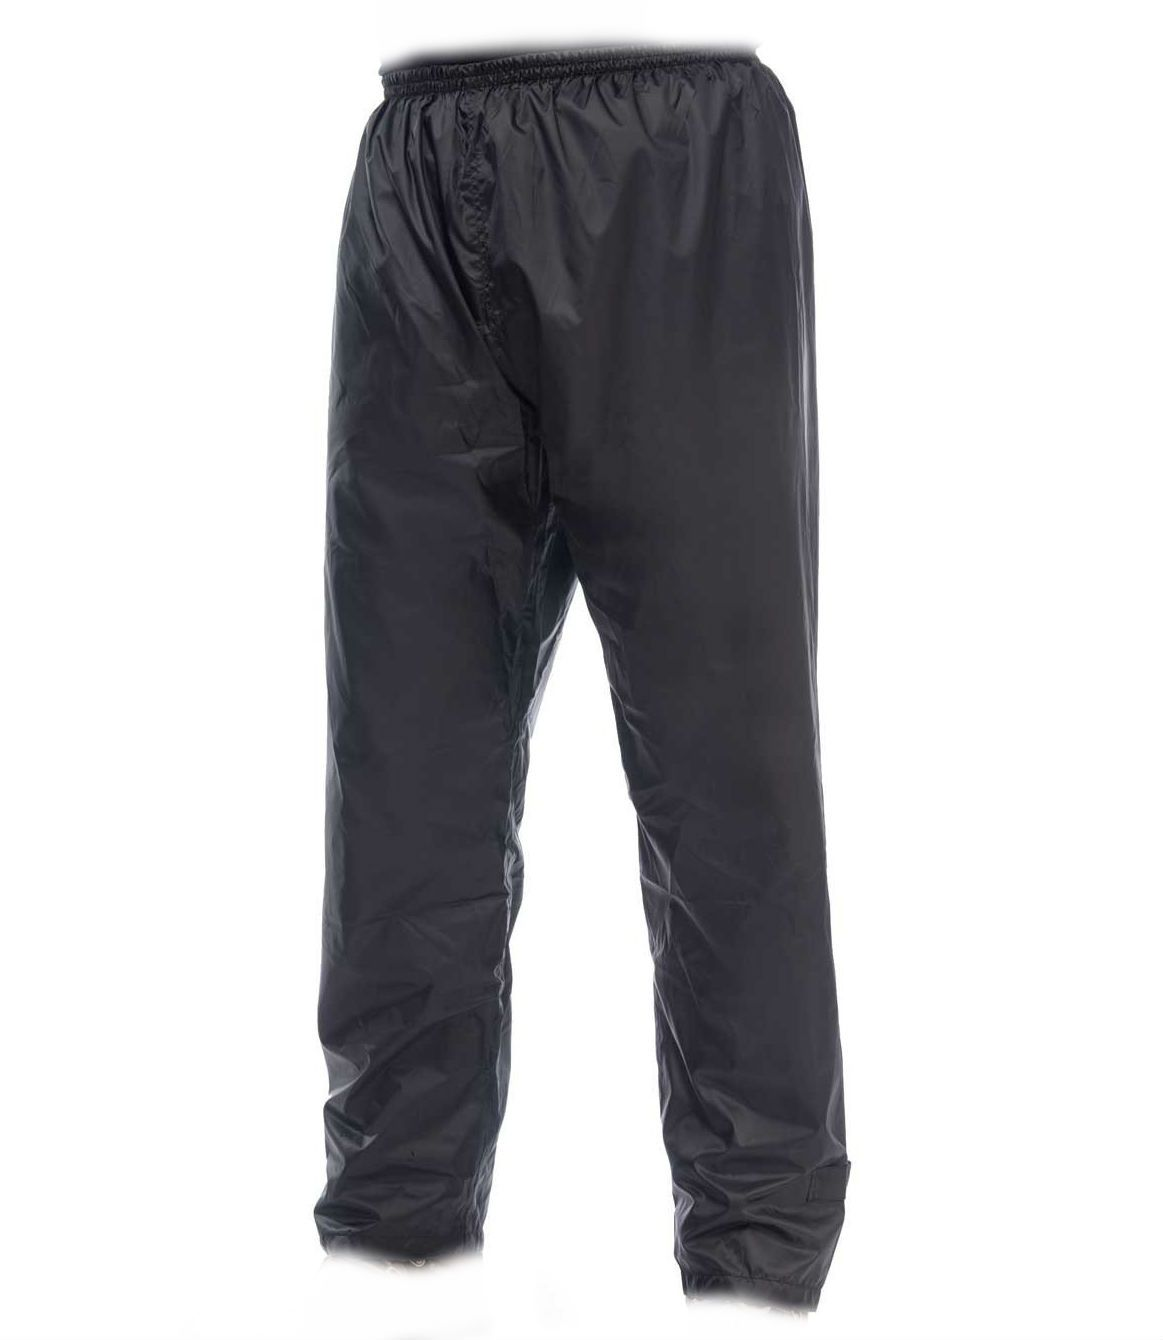 Image of Regnbukser fra Mac-in-a-Sac - Mini Packaway Trousers - Jet Black (95190220-black)